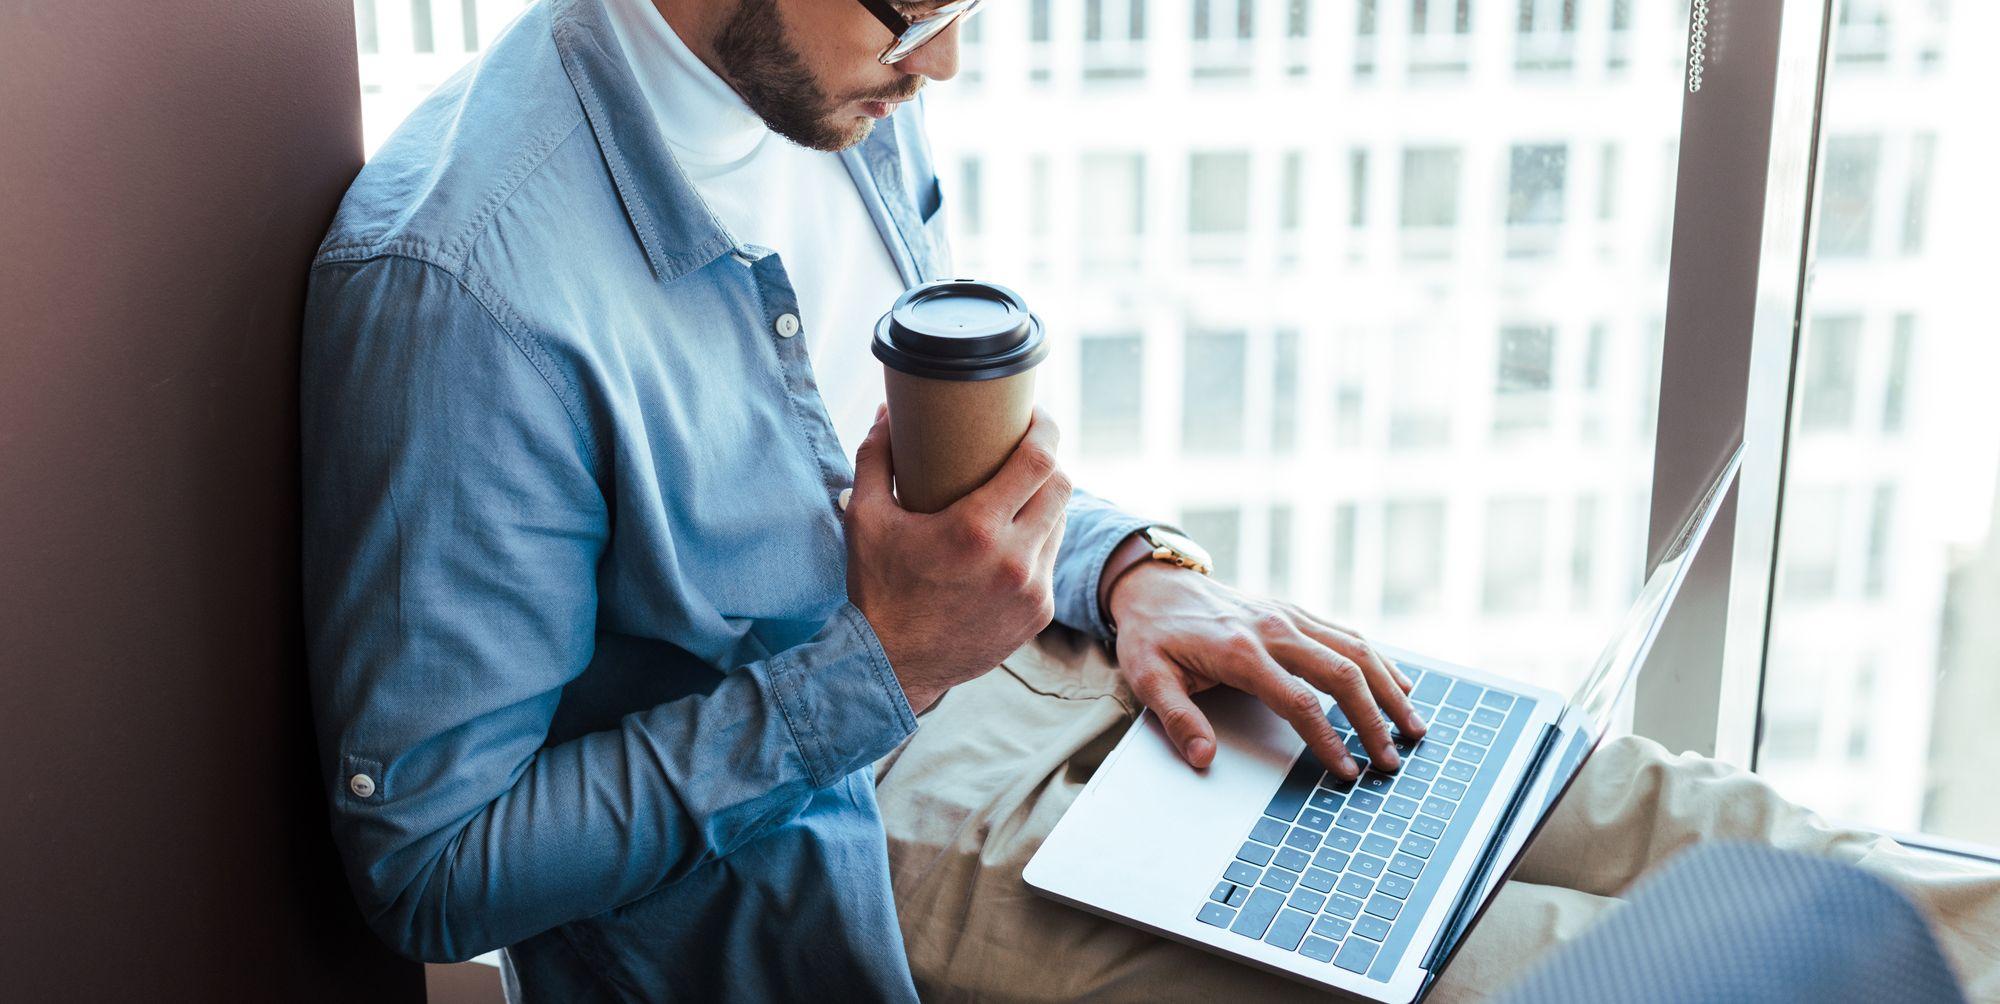 Mand i blå skjorte drikker kaffe og arbejder på bærbar computer